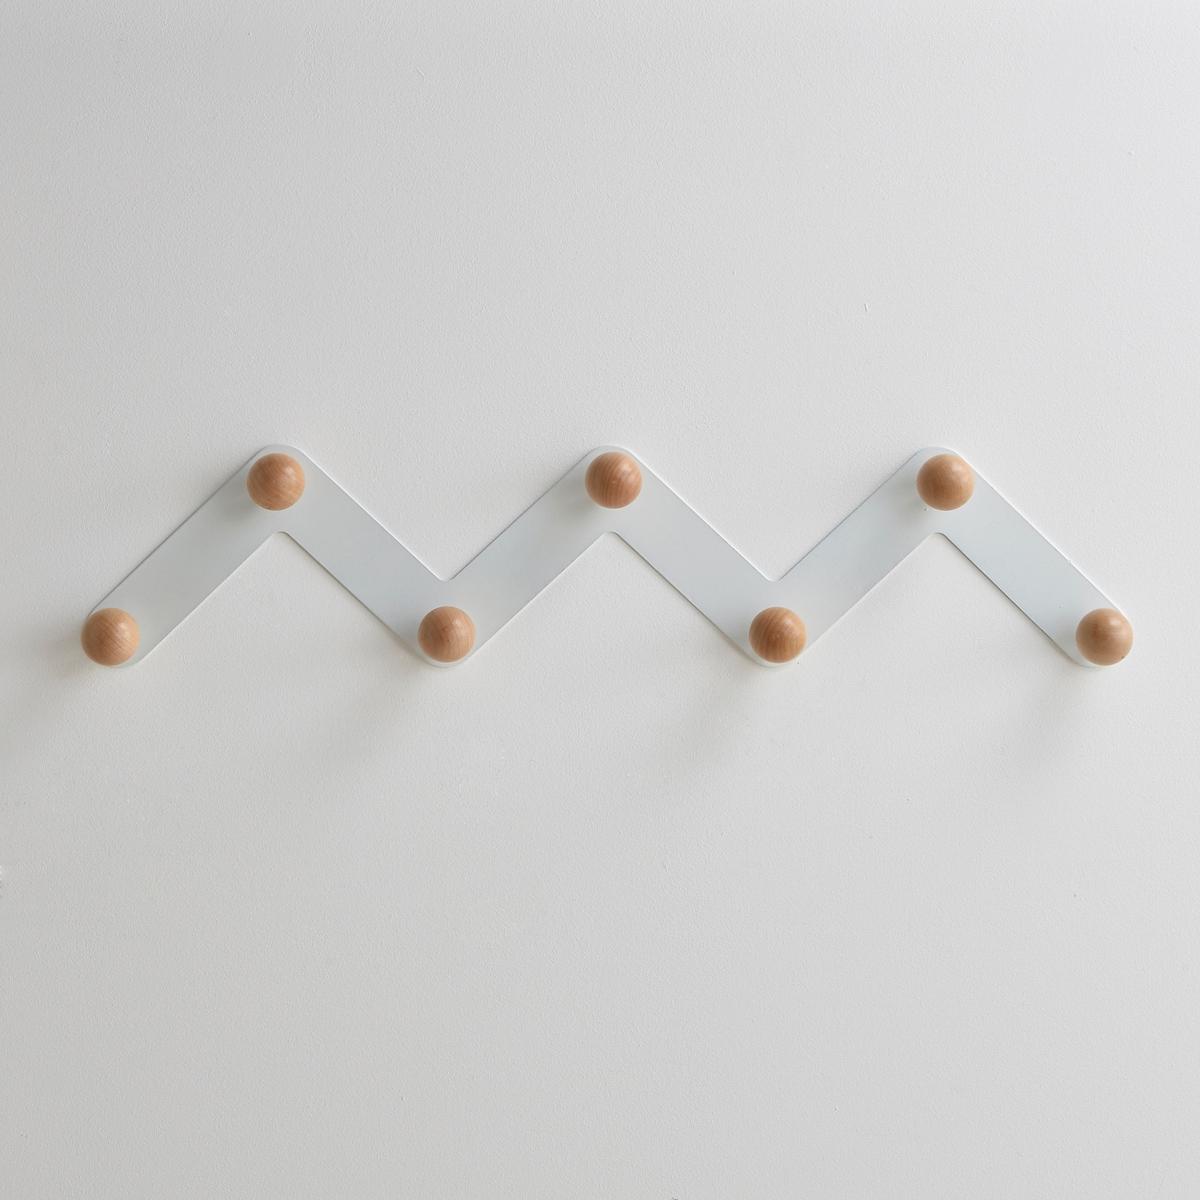 Вешалка настенная AGAMA с 7 держателямиВешалка настенная AGAMA на металлическом суппорте зигзагообразной формы для размещения любых вещей. 7 круглых держателей из натурального дерева (береза) на металлическом каркасе черного или белого цвета. Крепления в комплект не входят. Размеры:Диаметр: 5 см.Ширина: 89,7.Высота: 19 см.Глубина: 7,5 см.<br><br>Цвет: белый<br>Размер: единый размер